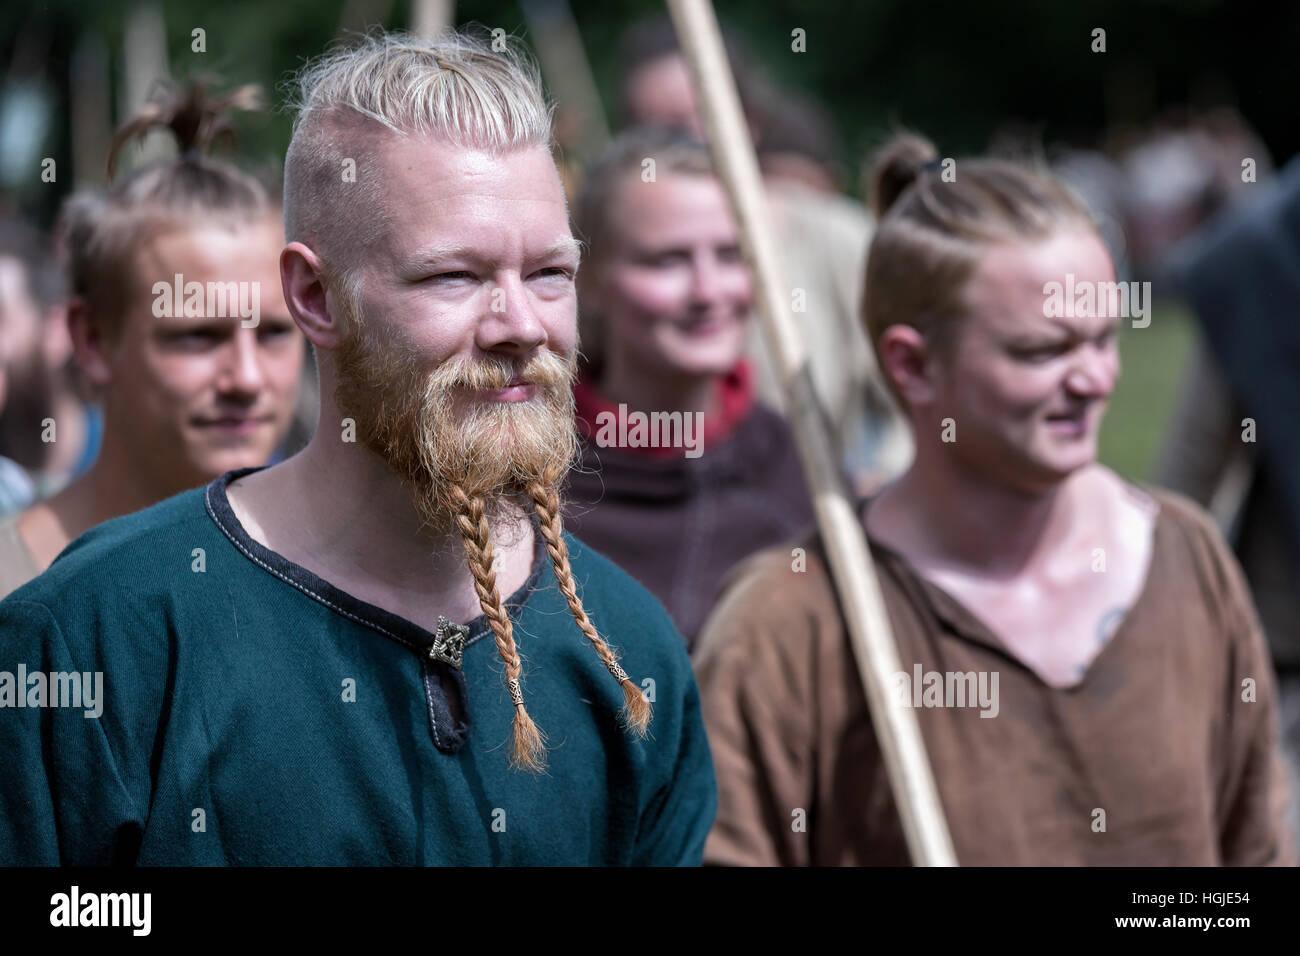 People dresses as vikings preparing for battle, Moesgaard, Aarhus, Denmark - Stock Image